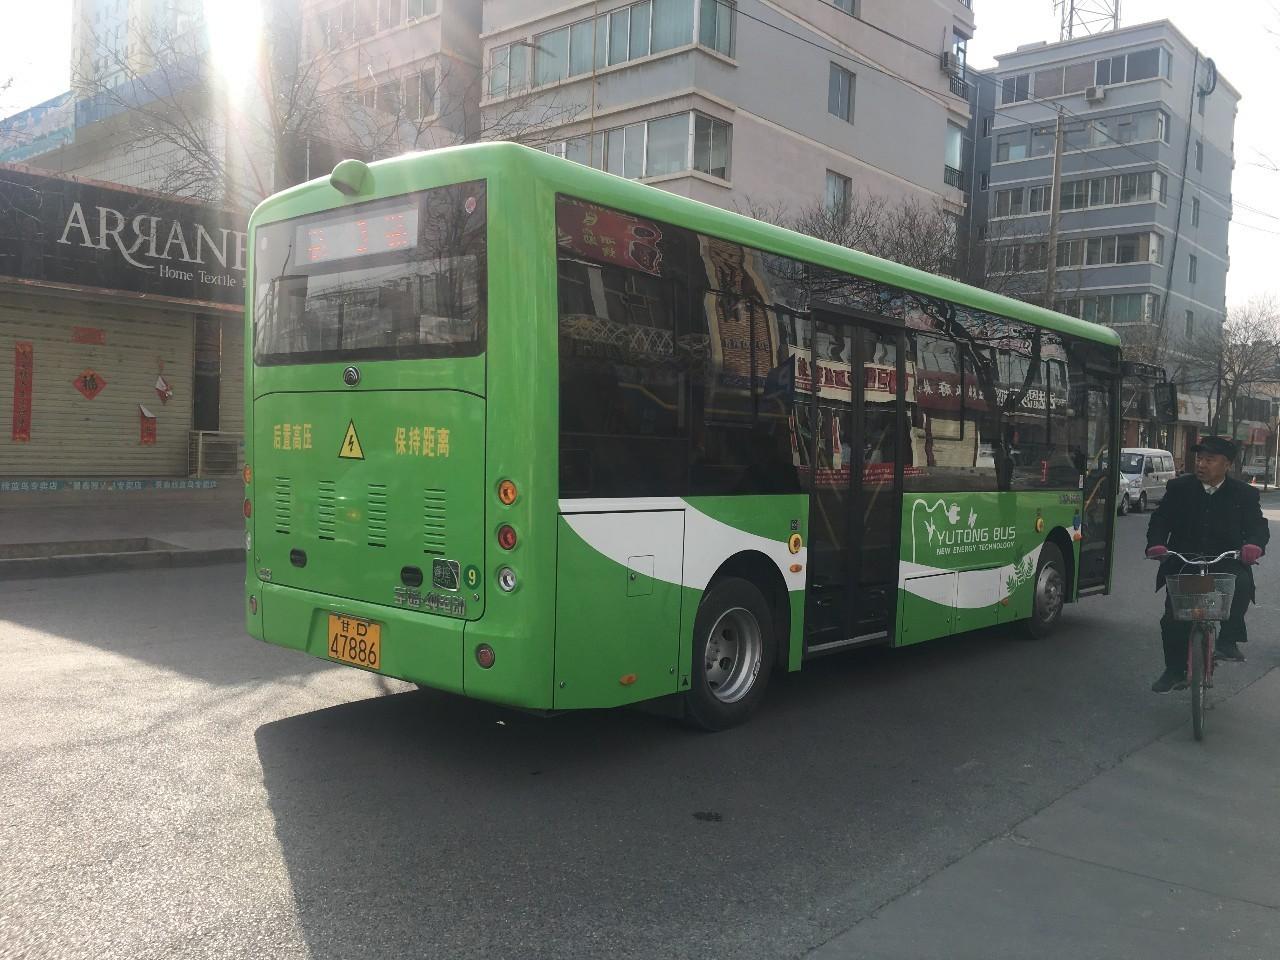 临沂市公交线路一览表 - 山东地图 Shandong Maps - 美景旅游网